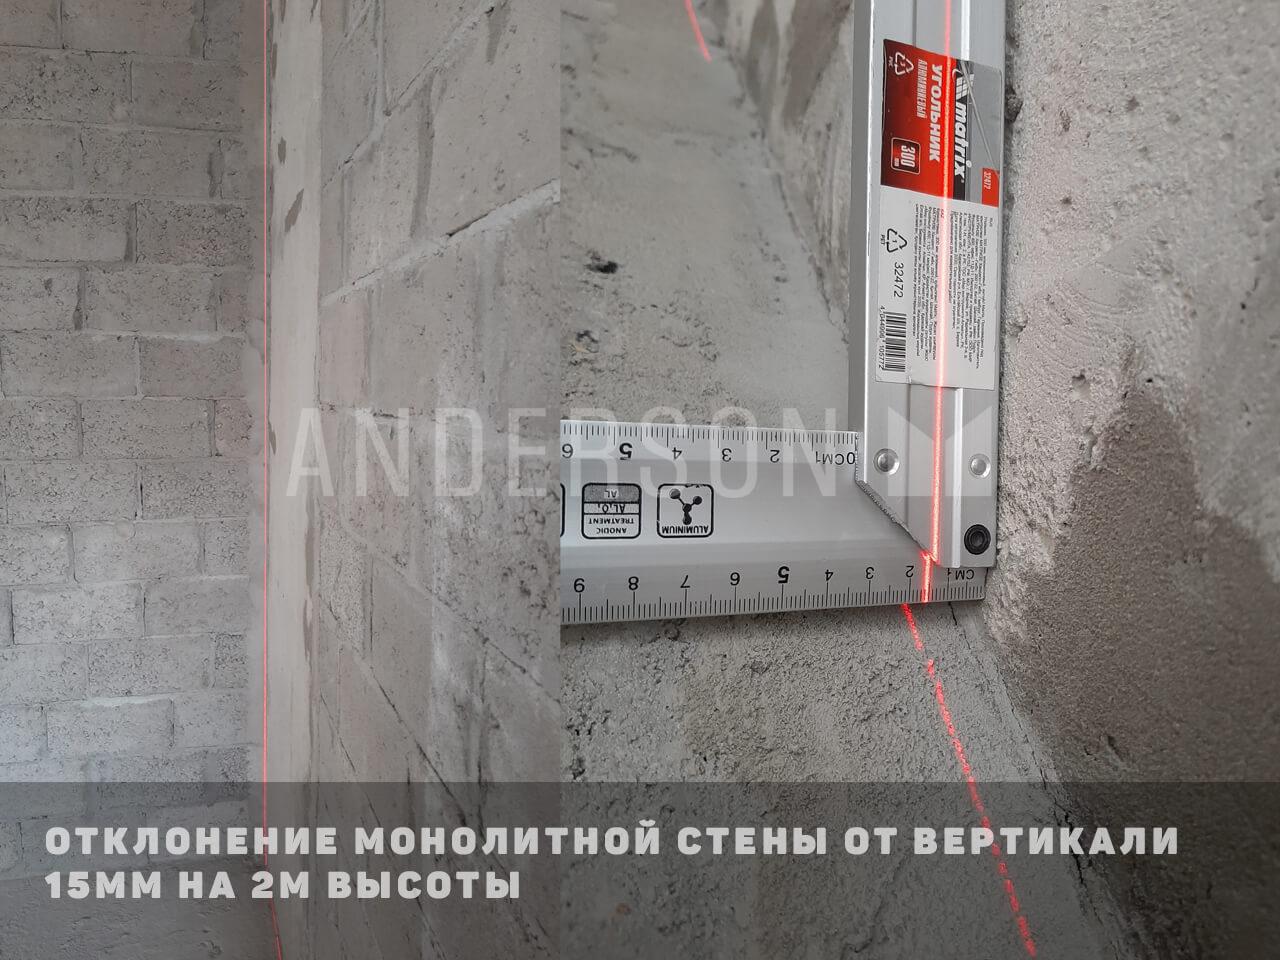 криво залита монолитная стена